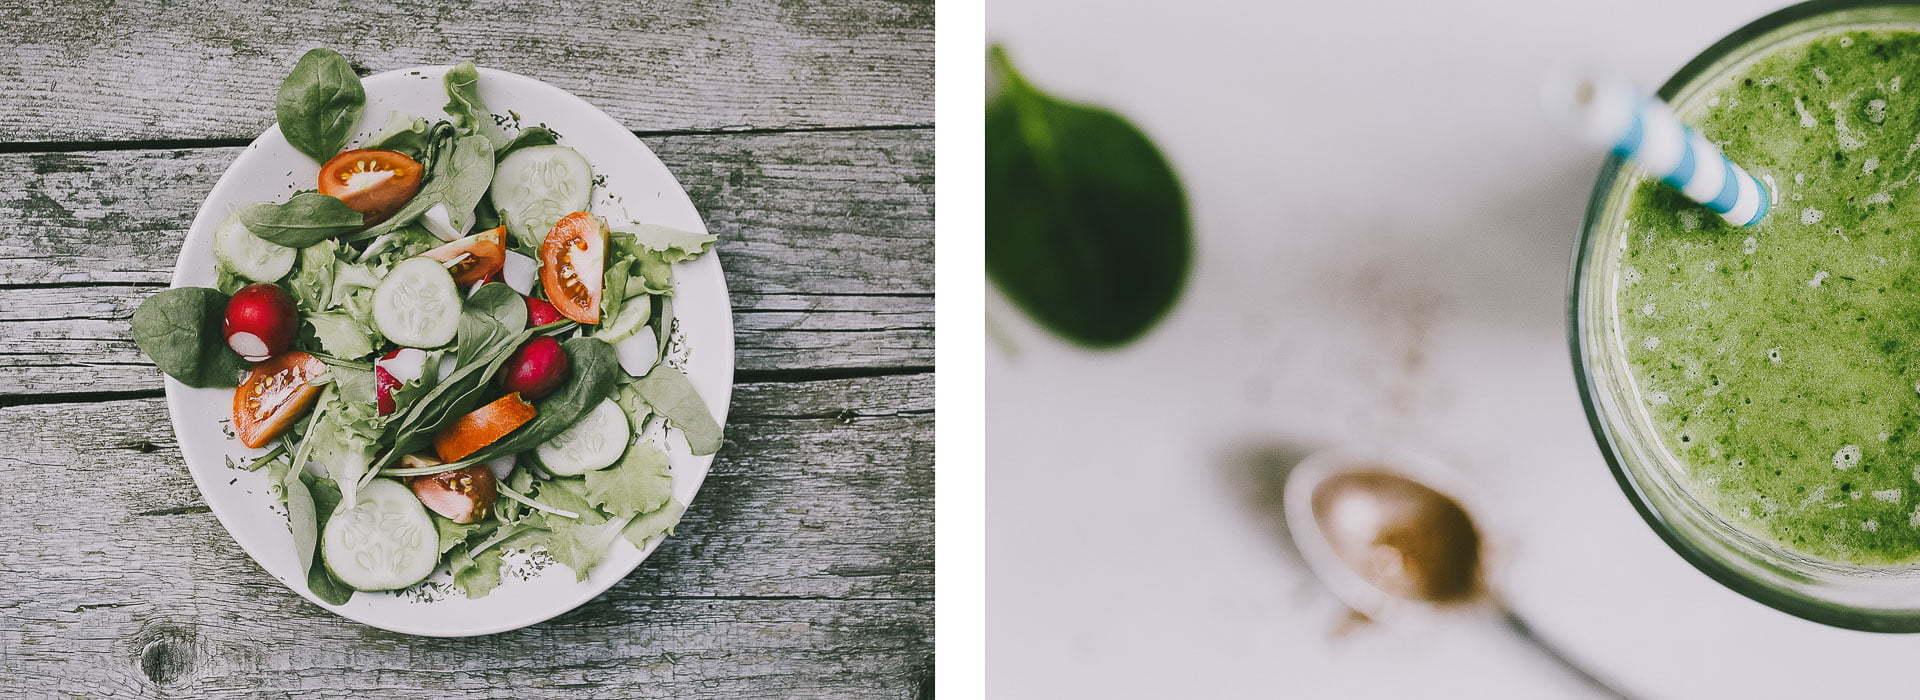 Sposoby nanudę wdomu - wege posiłki